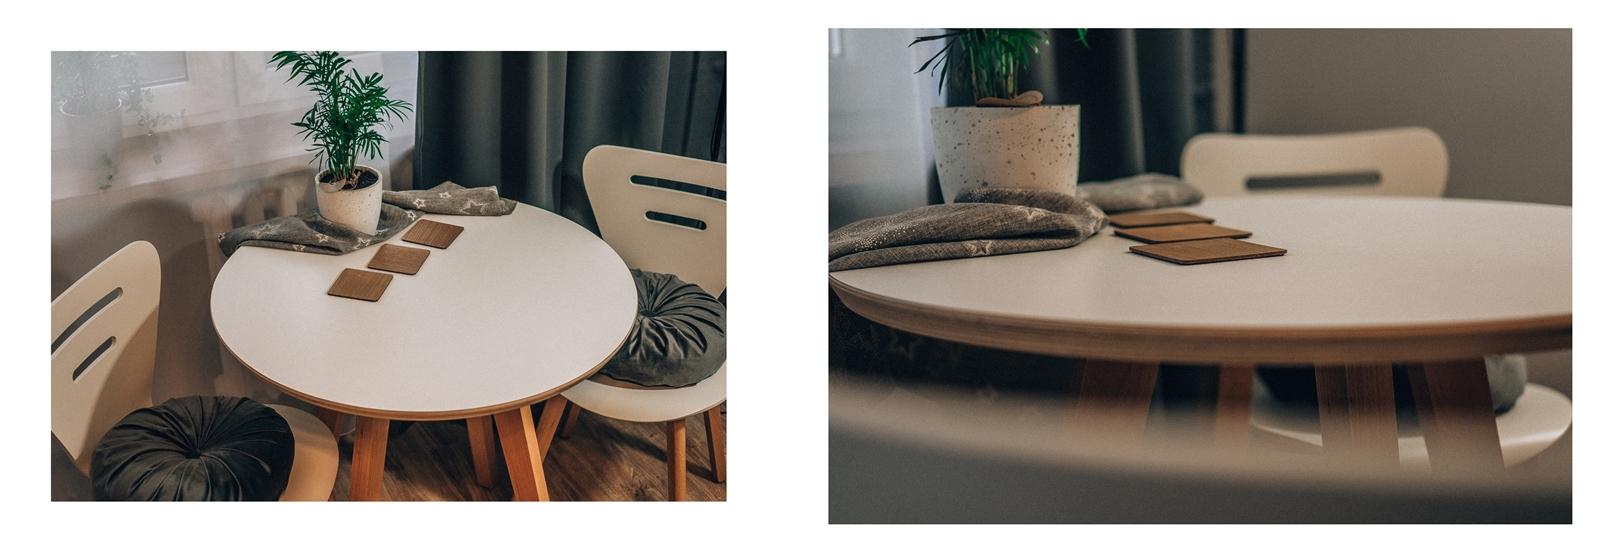 0 drewniany biały stół do jadalni, salonu i kuchni. Drewniane krzesła w stylu skandynawskim. Białe krzesła loftowe drewniane bez podłokietników z wysokim oparciem. Soldny stół dla 4 osób, solidne krzesła.